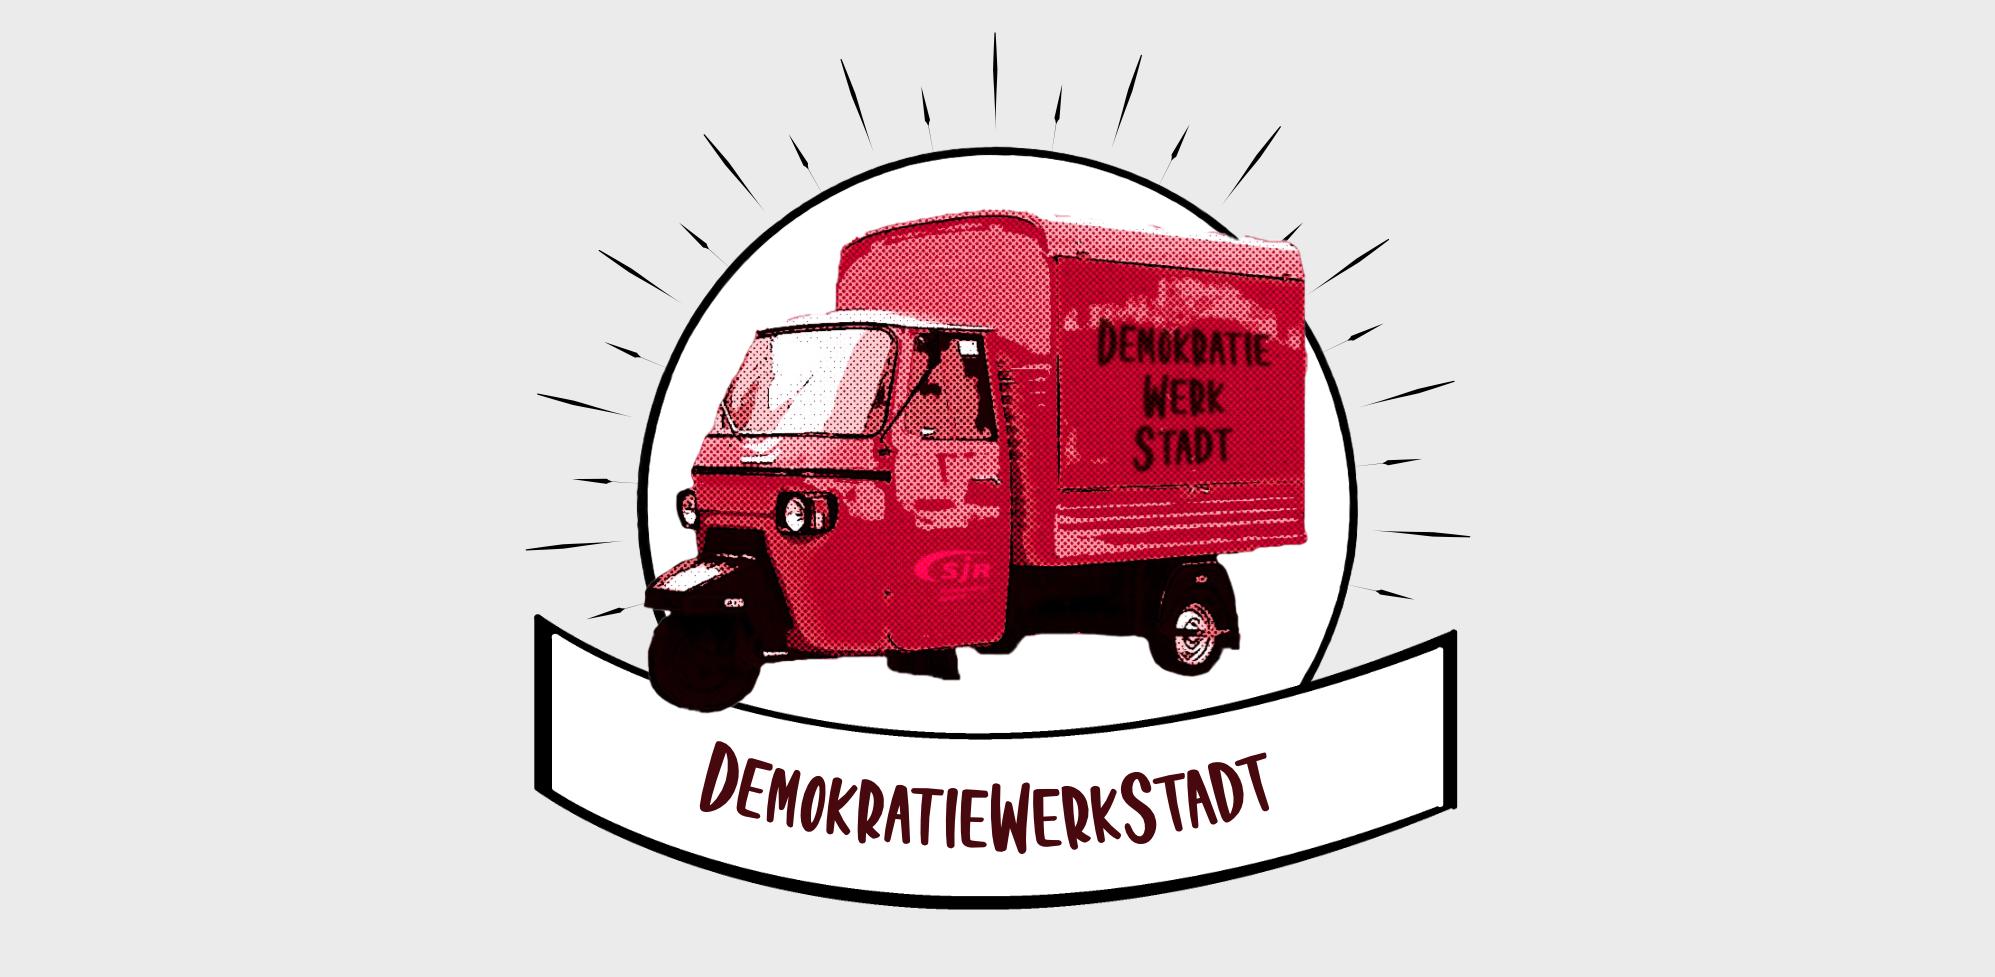 DemokratieWerkStadt